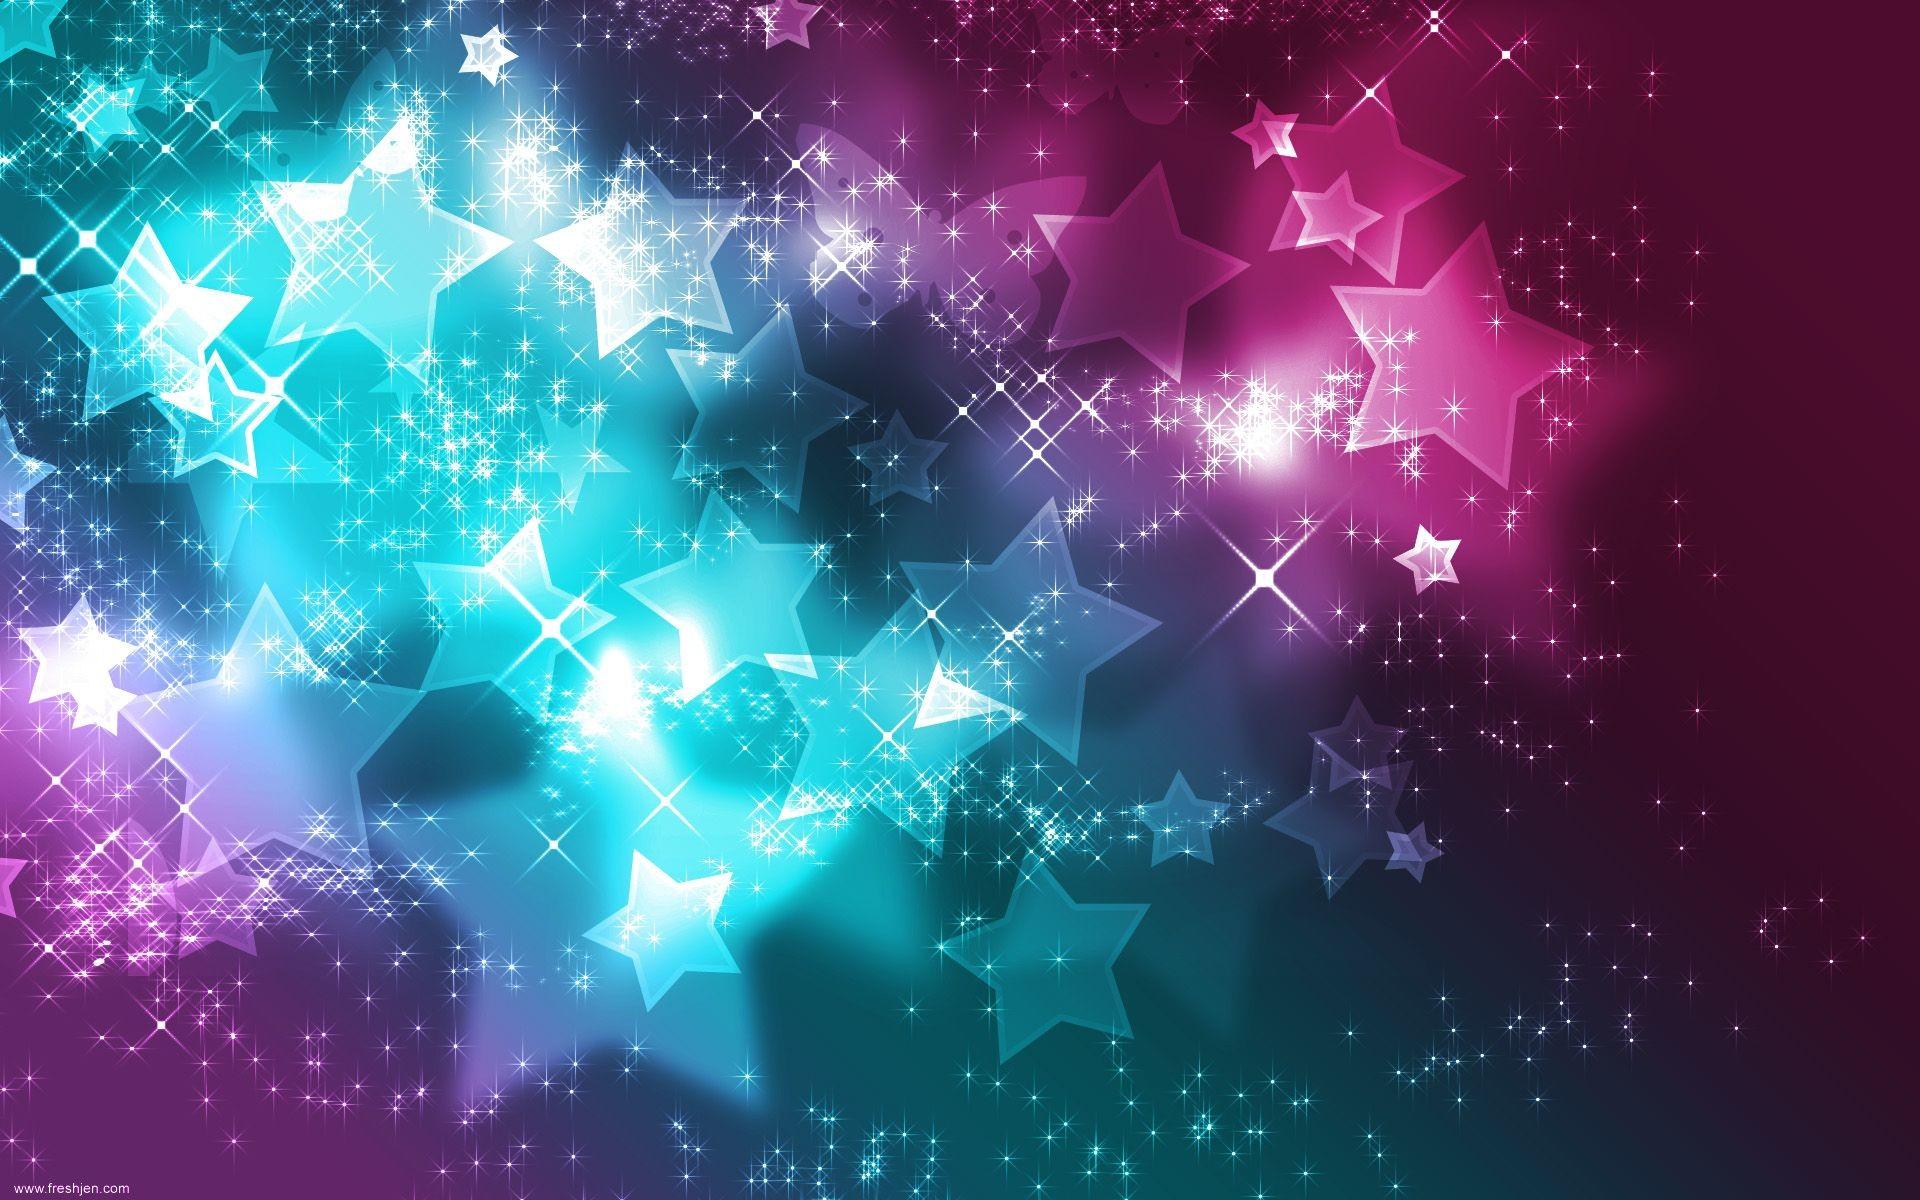 … sparkle wallpaper on wallpaperget com; sparkling blue …